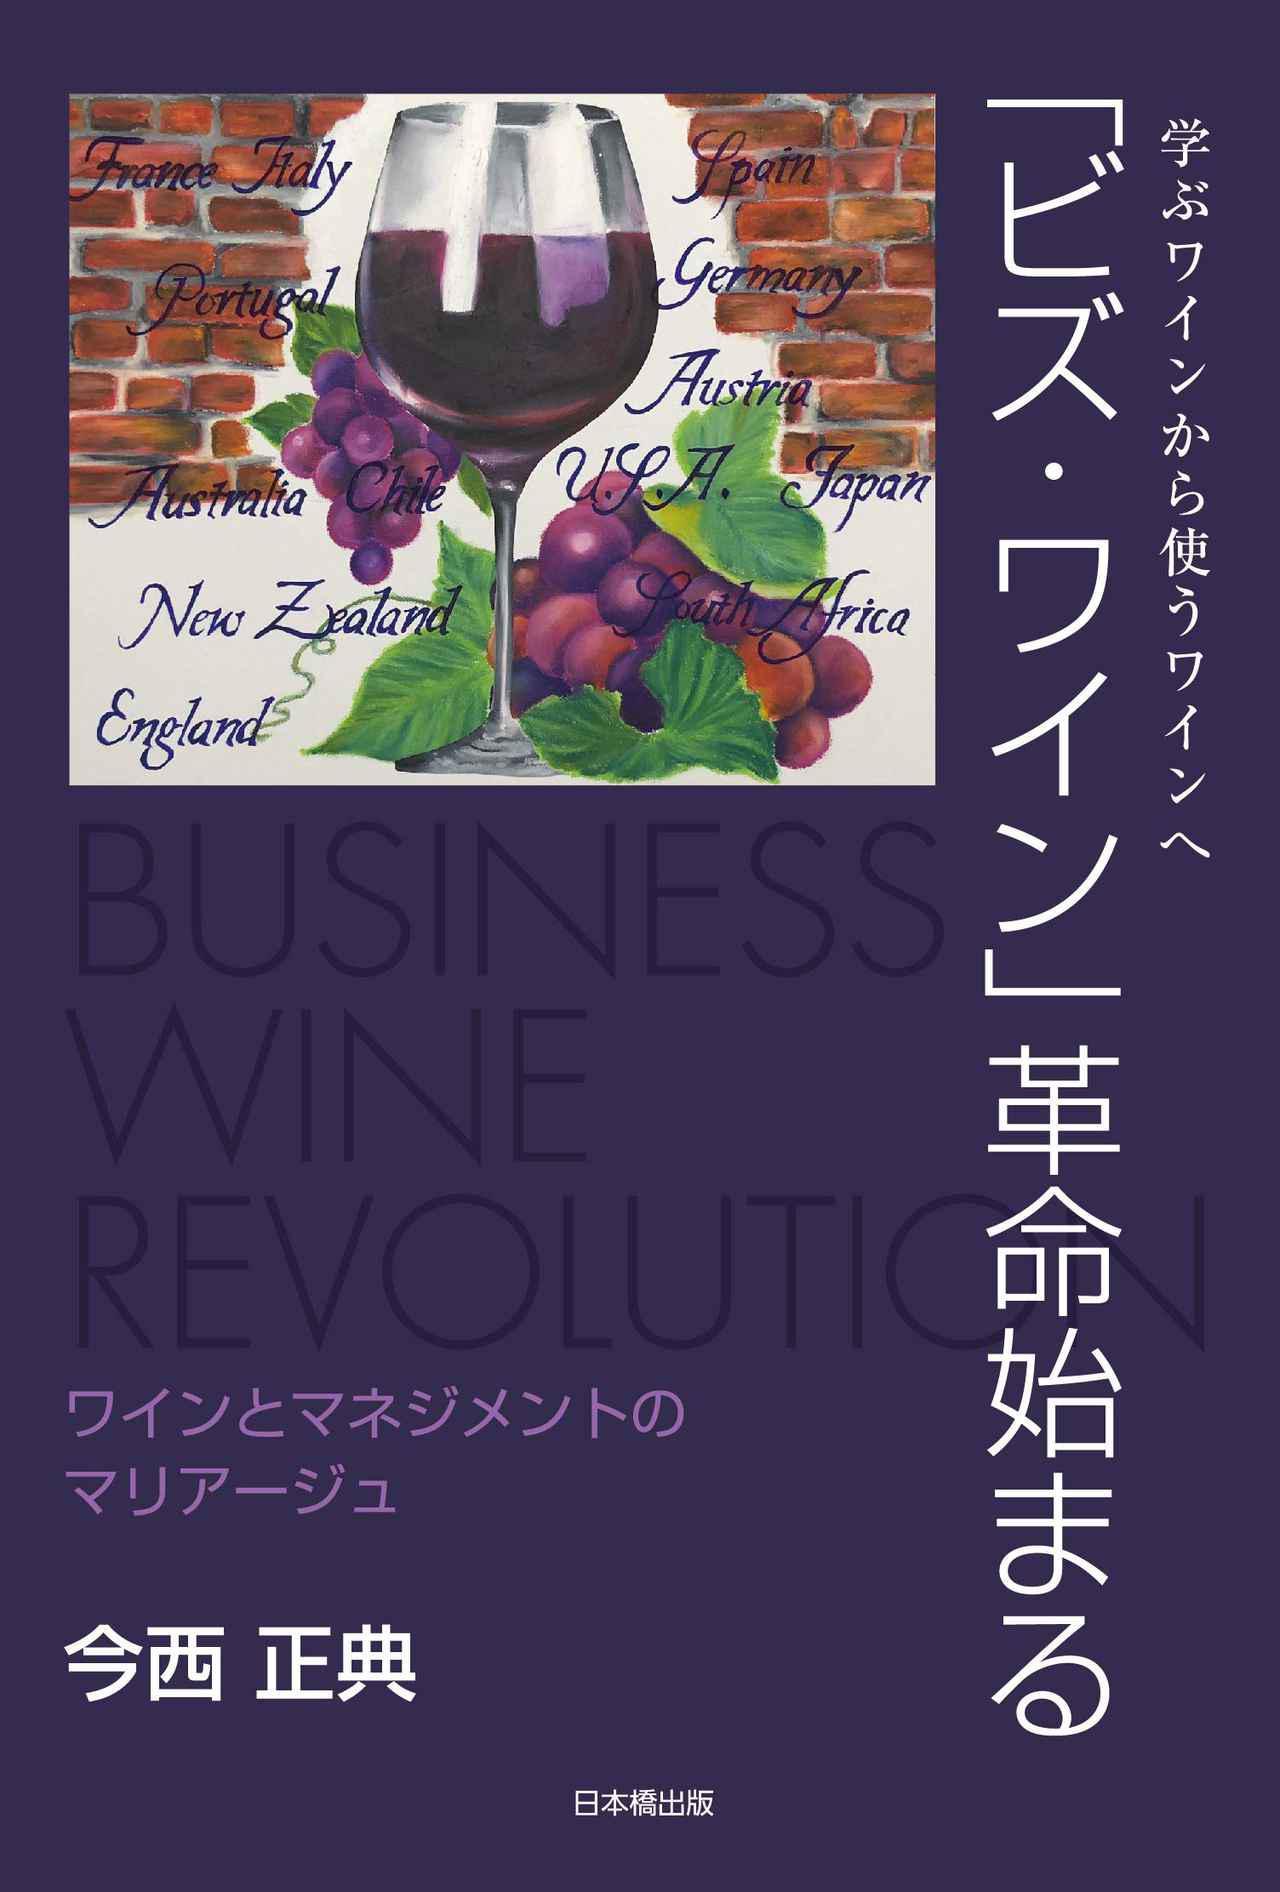 画像: 『「ビズ・ワイン」革命始まる 学ぶワインから使うワインへ』〜WK Library お勧めブックガイド〜